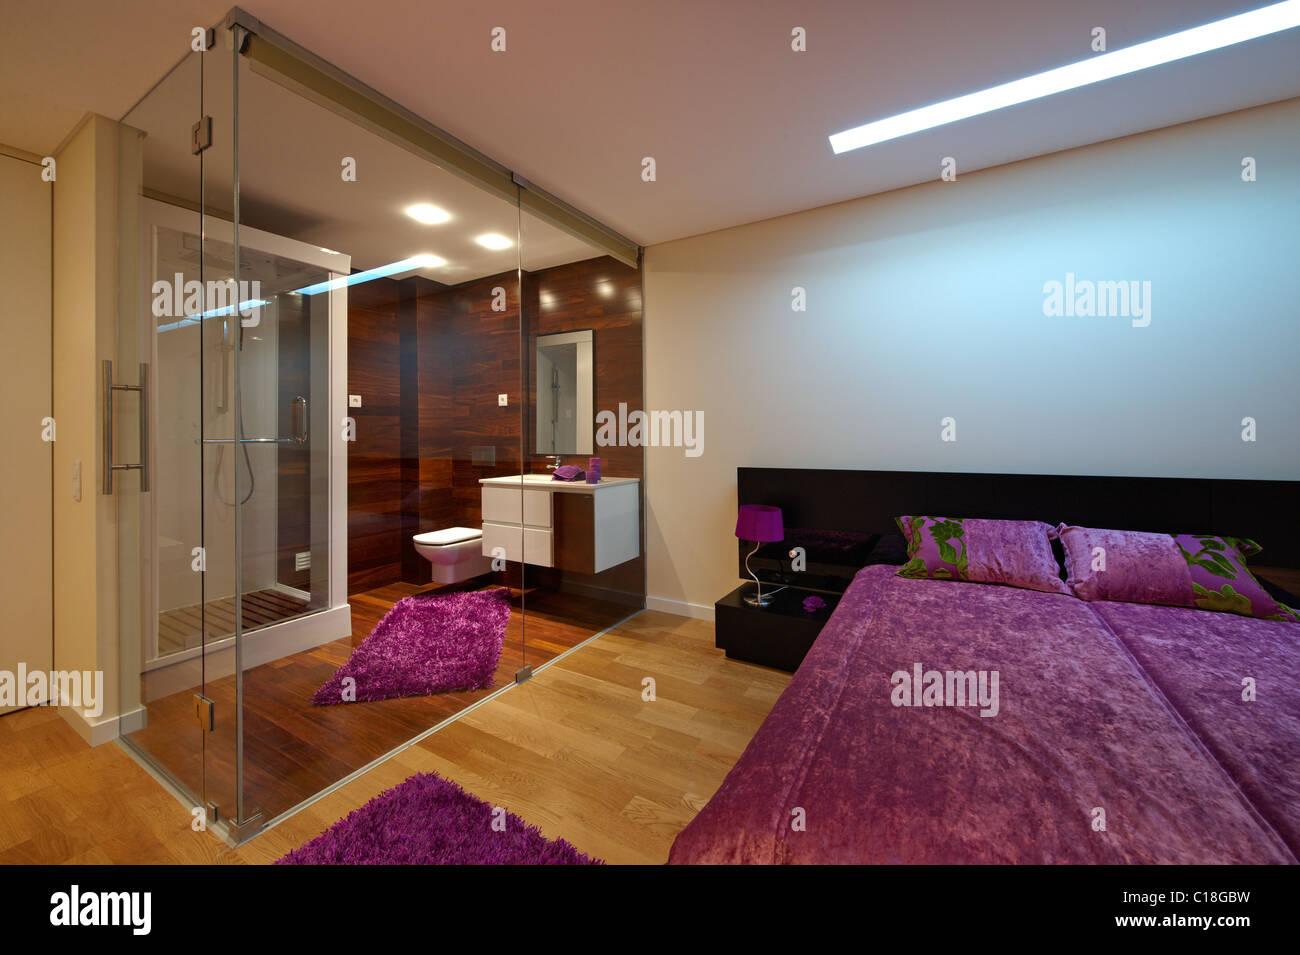 Bagno In Camera Con Vetro : Camera da letto con stanza da bagno separati da pareti in vetro